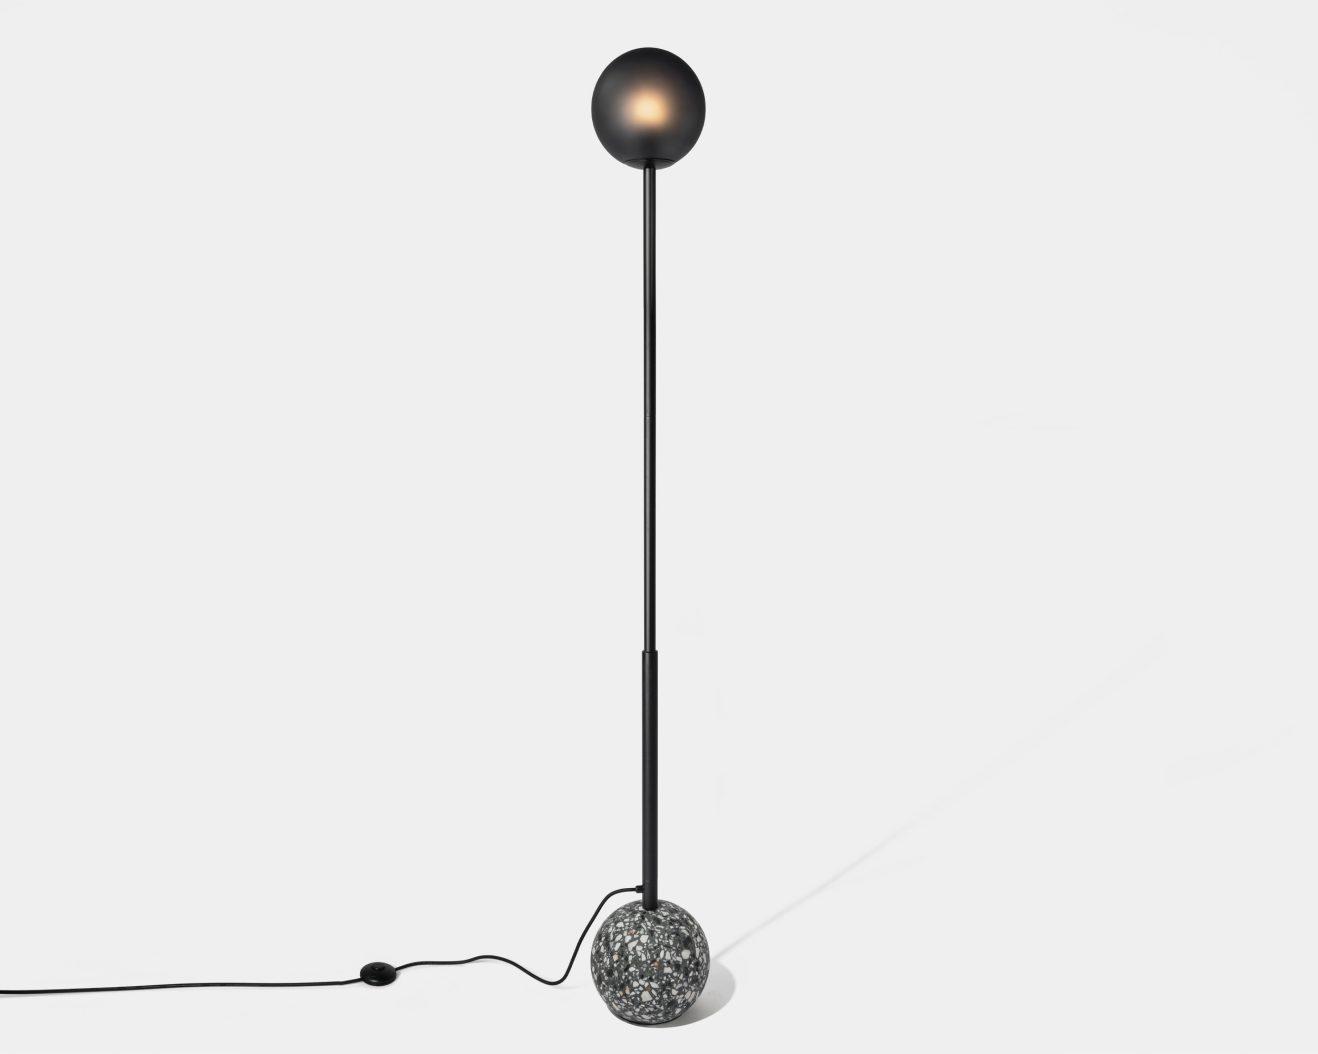 BentuDesign-Black-Terrazzo-Floor-Lamp-8-2